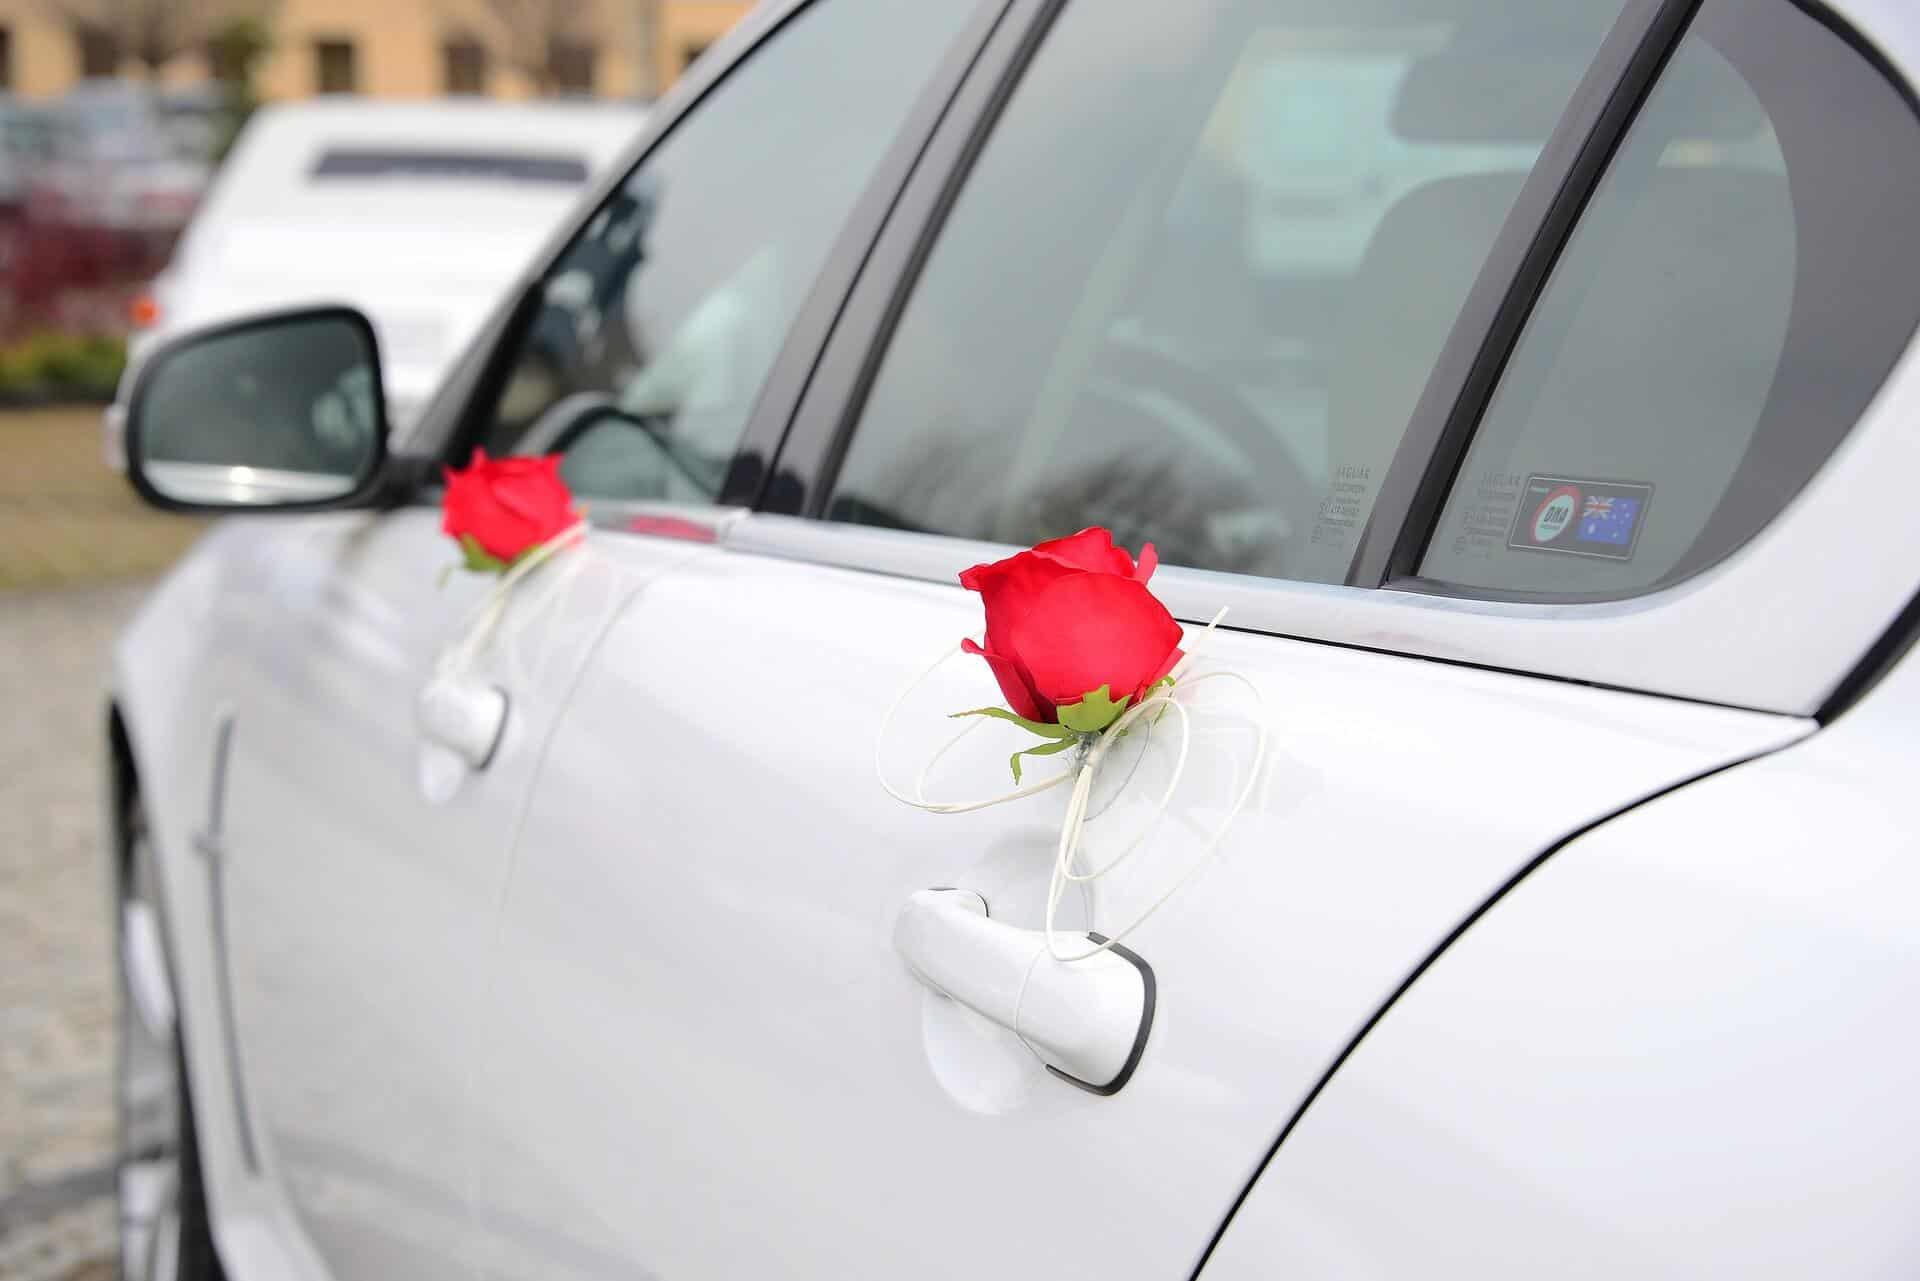 Autopůjčovna OneTwoGo - svatební výzdoba auta